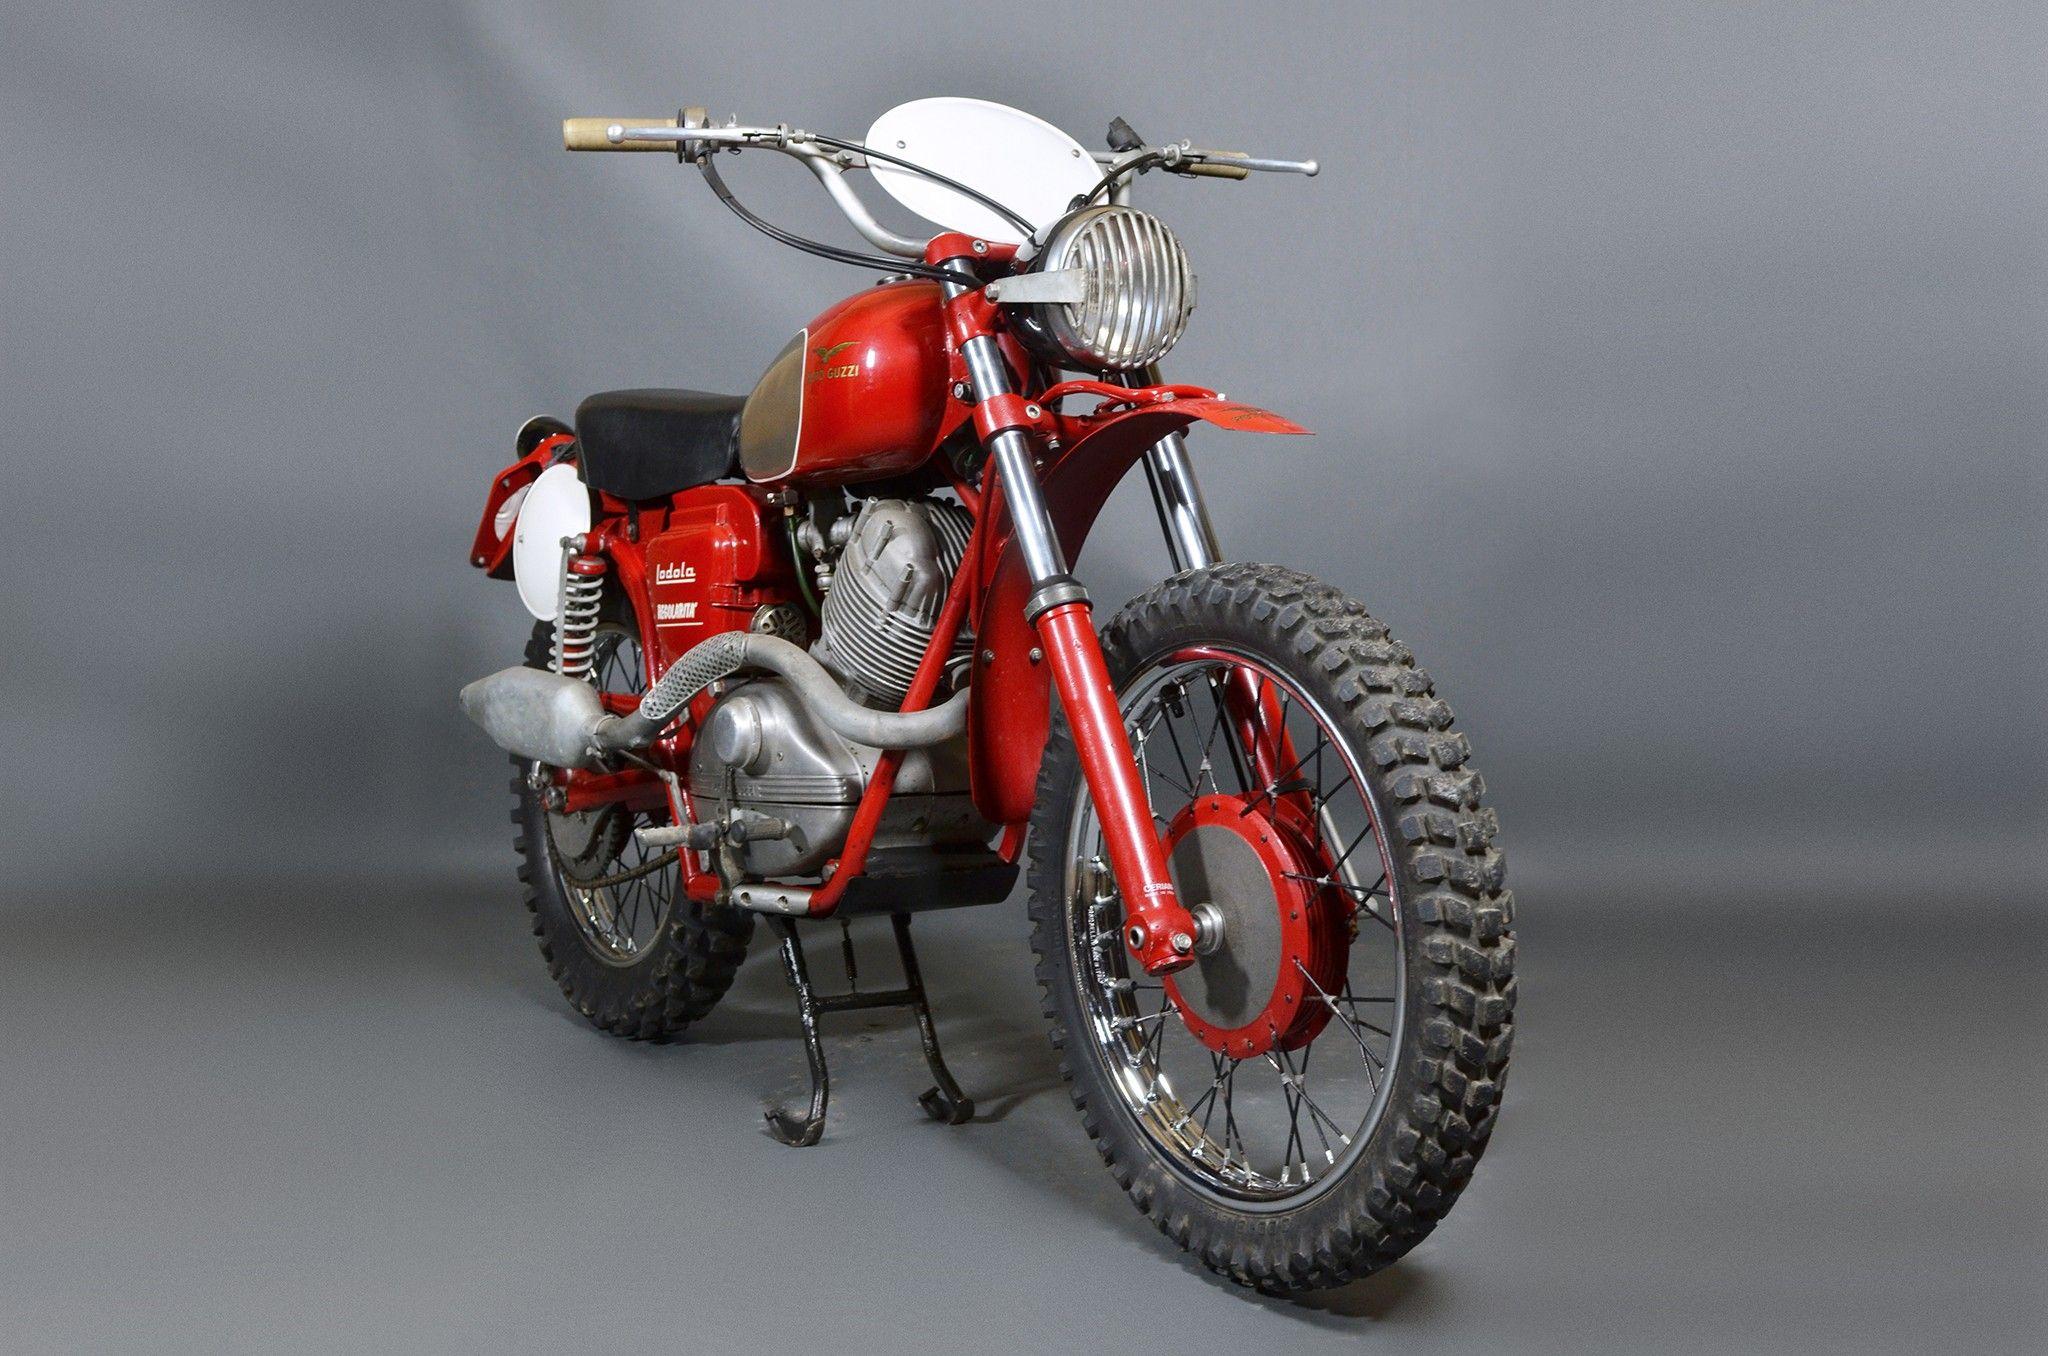 Moto Guzzi Stornello 125 Regolarita 1967 Con Immagini Moto